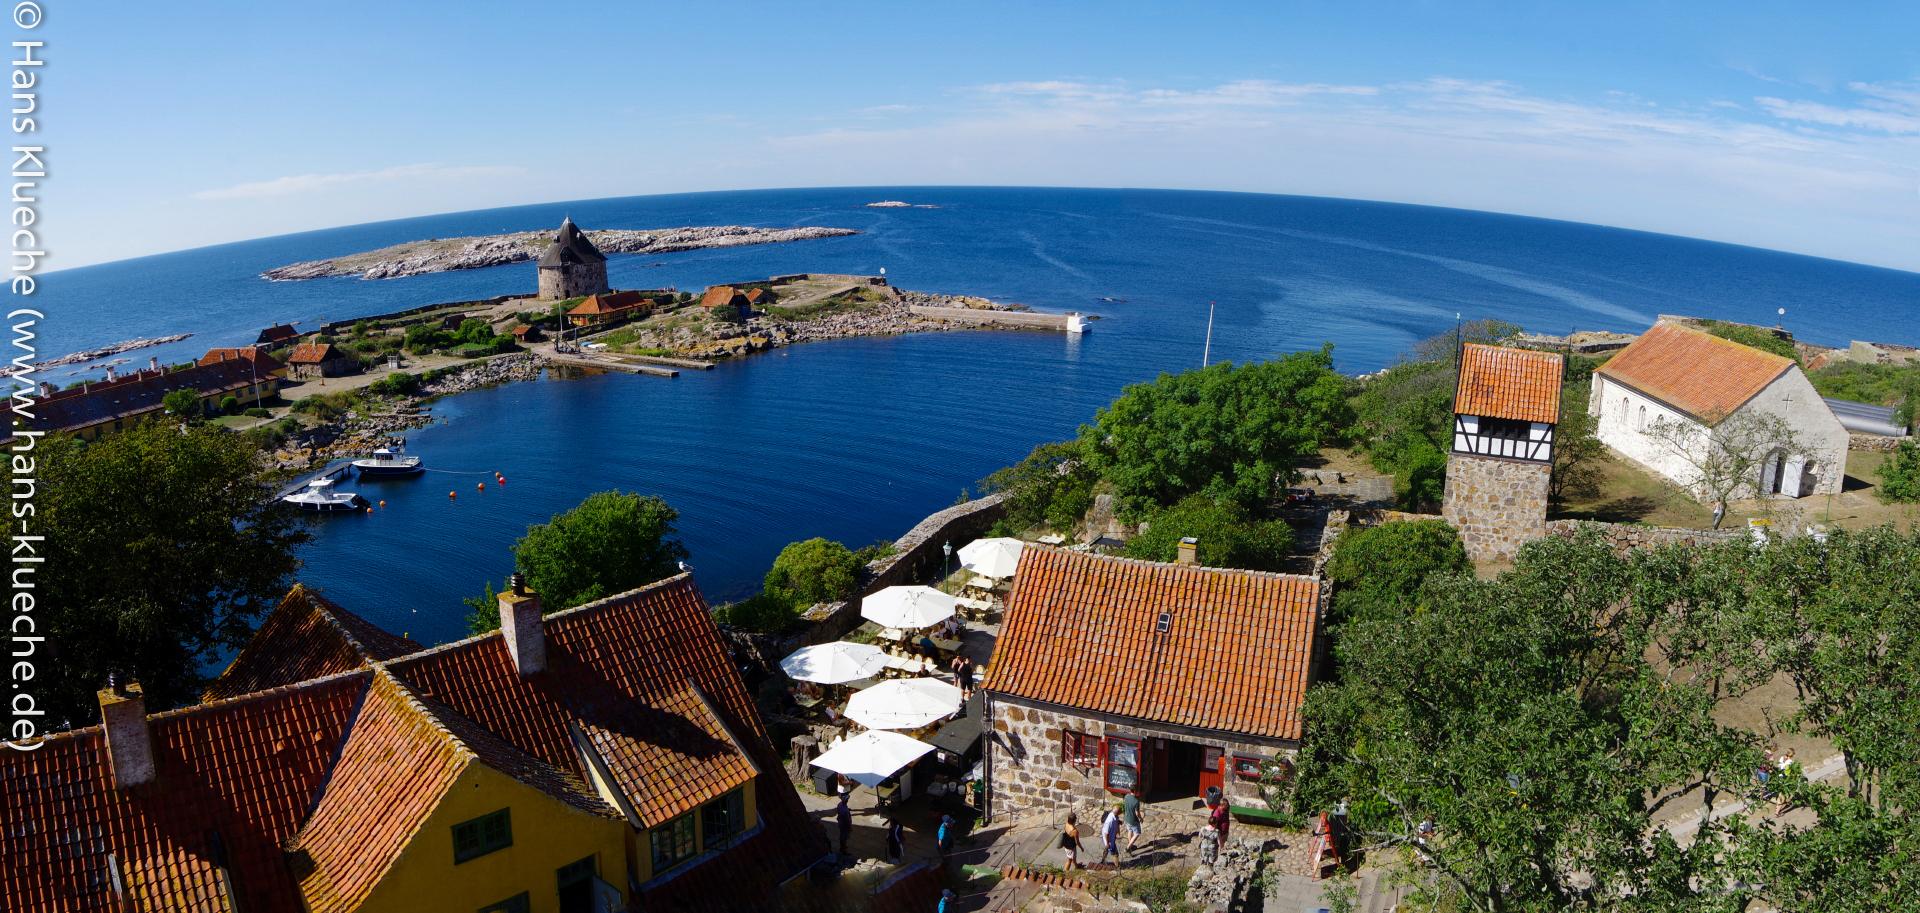 Blick vom Store Tårn auf